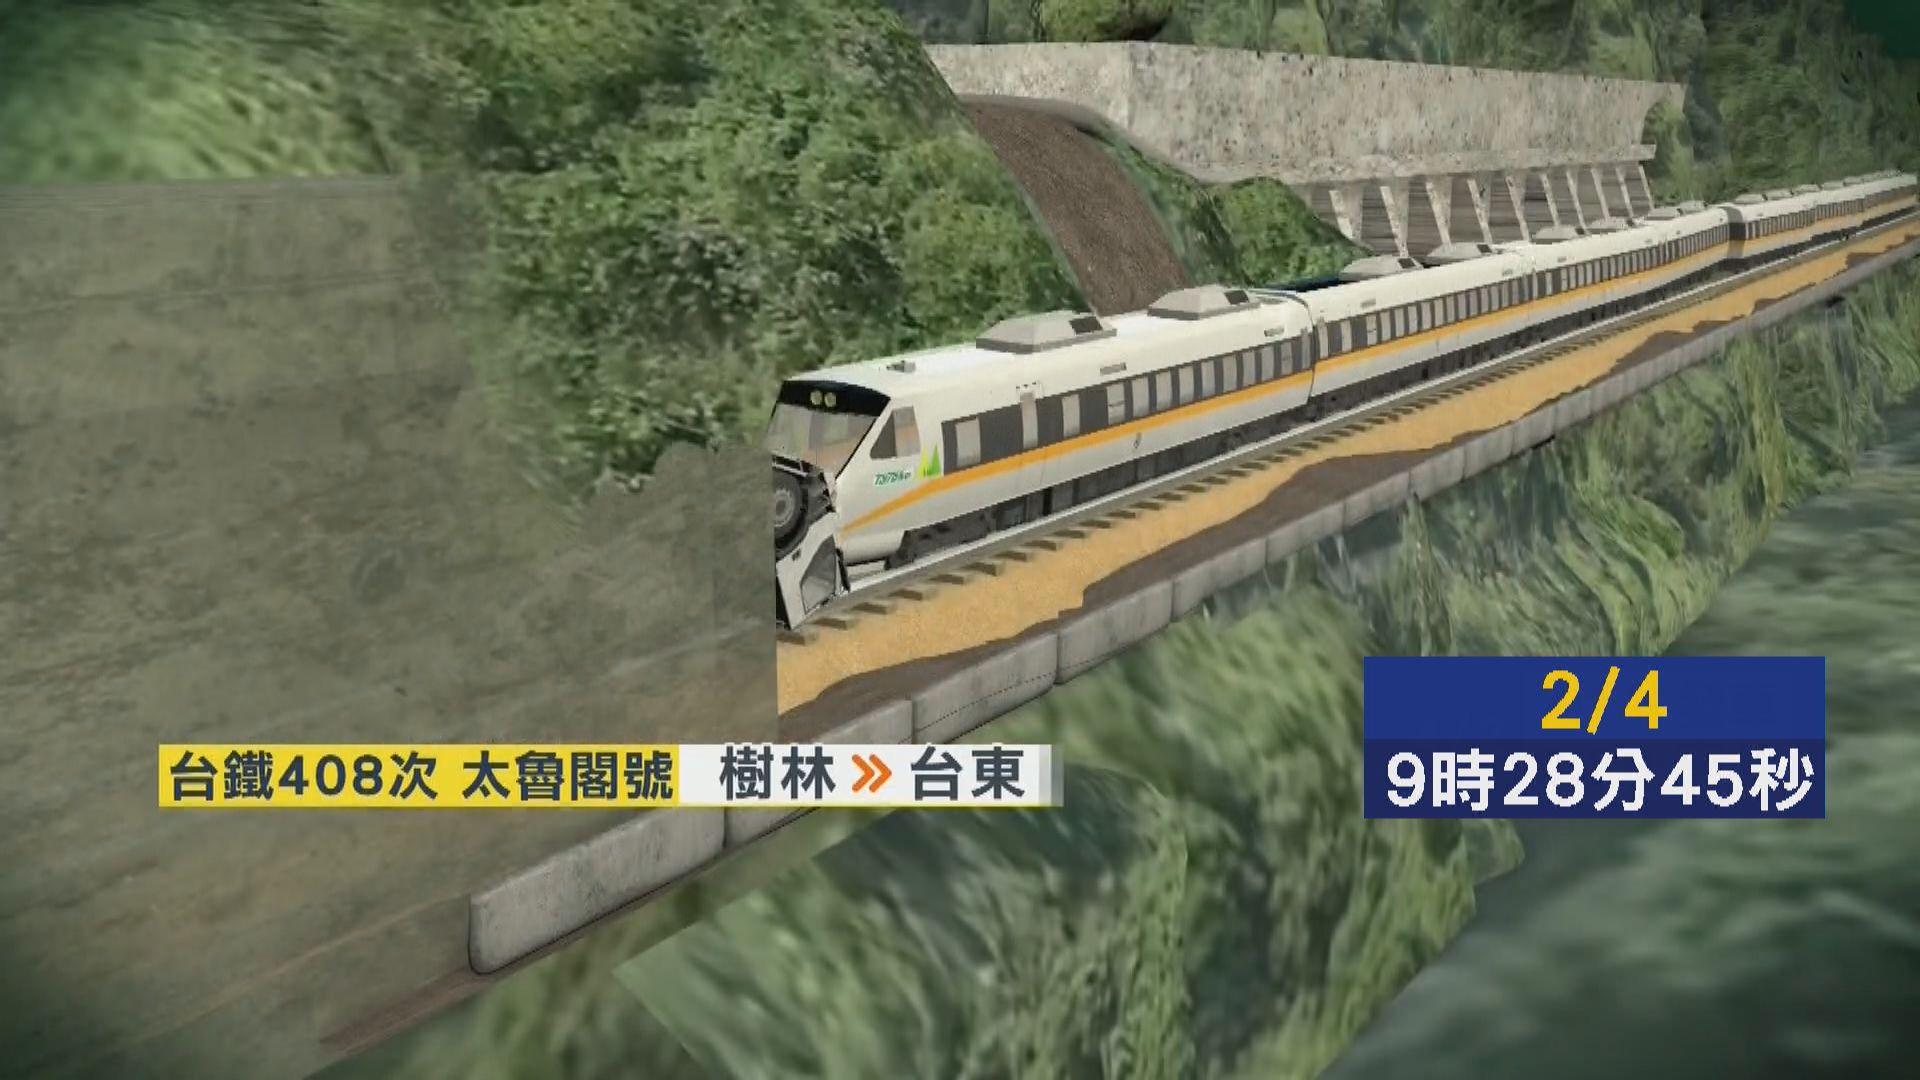 台鐵出軌事故 當局指肇禍工程車煞車系統曾經改裝